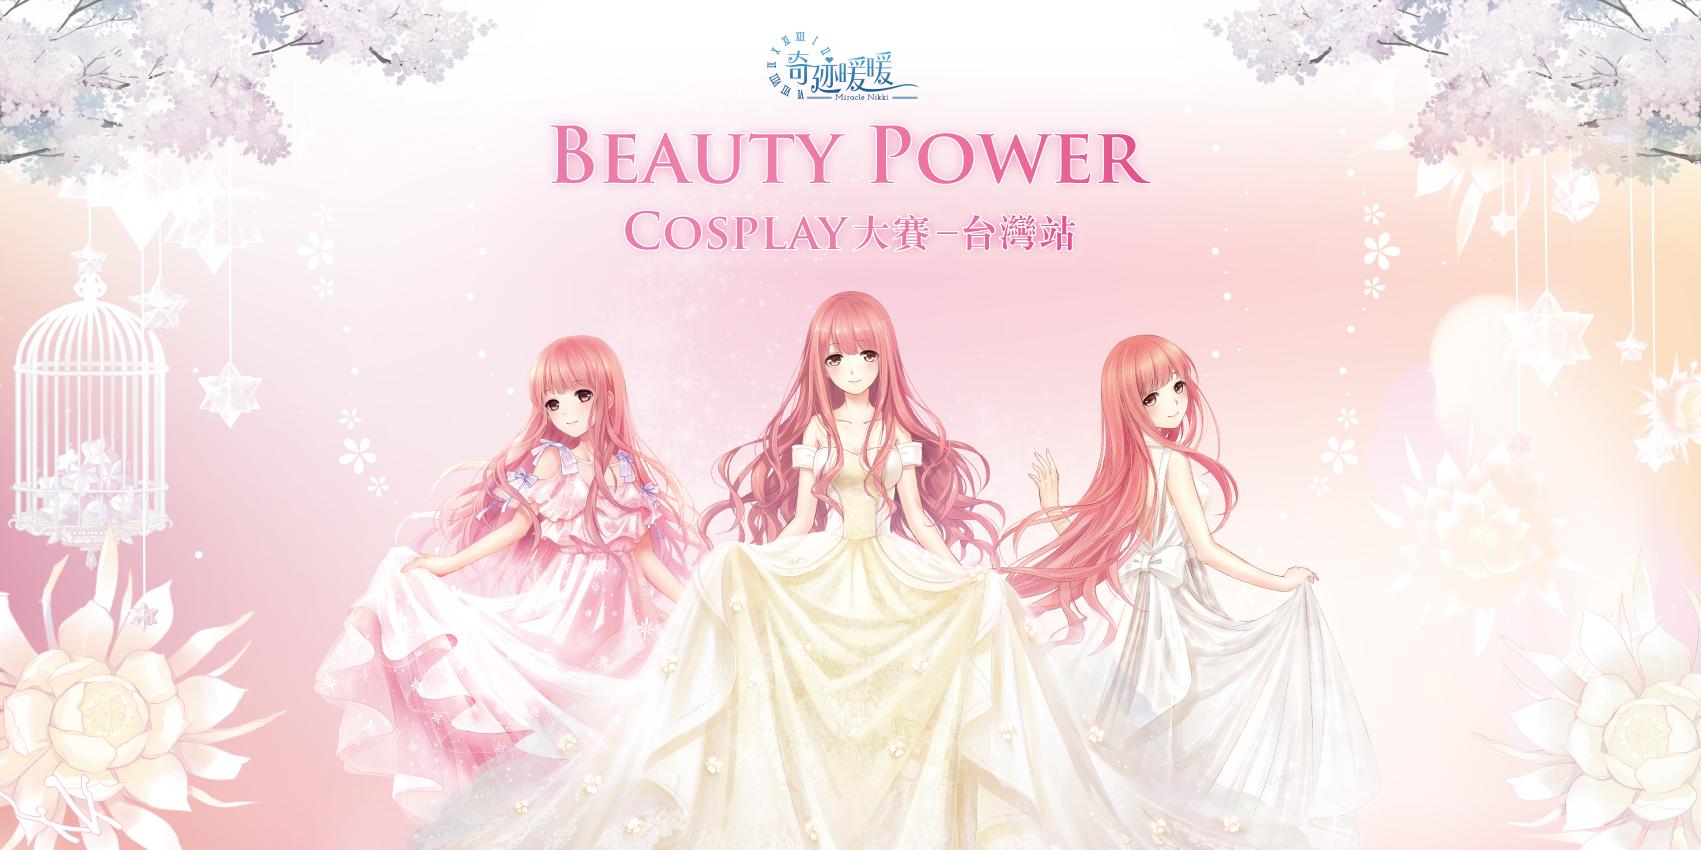 《奇迹暖暖》Beauty Power Cosplay大賽周末圓滿落幕!